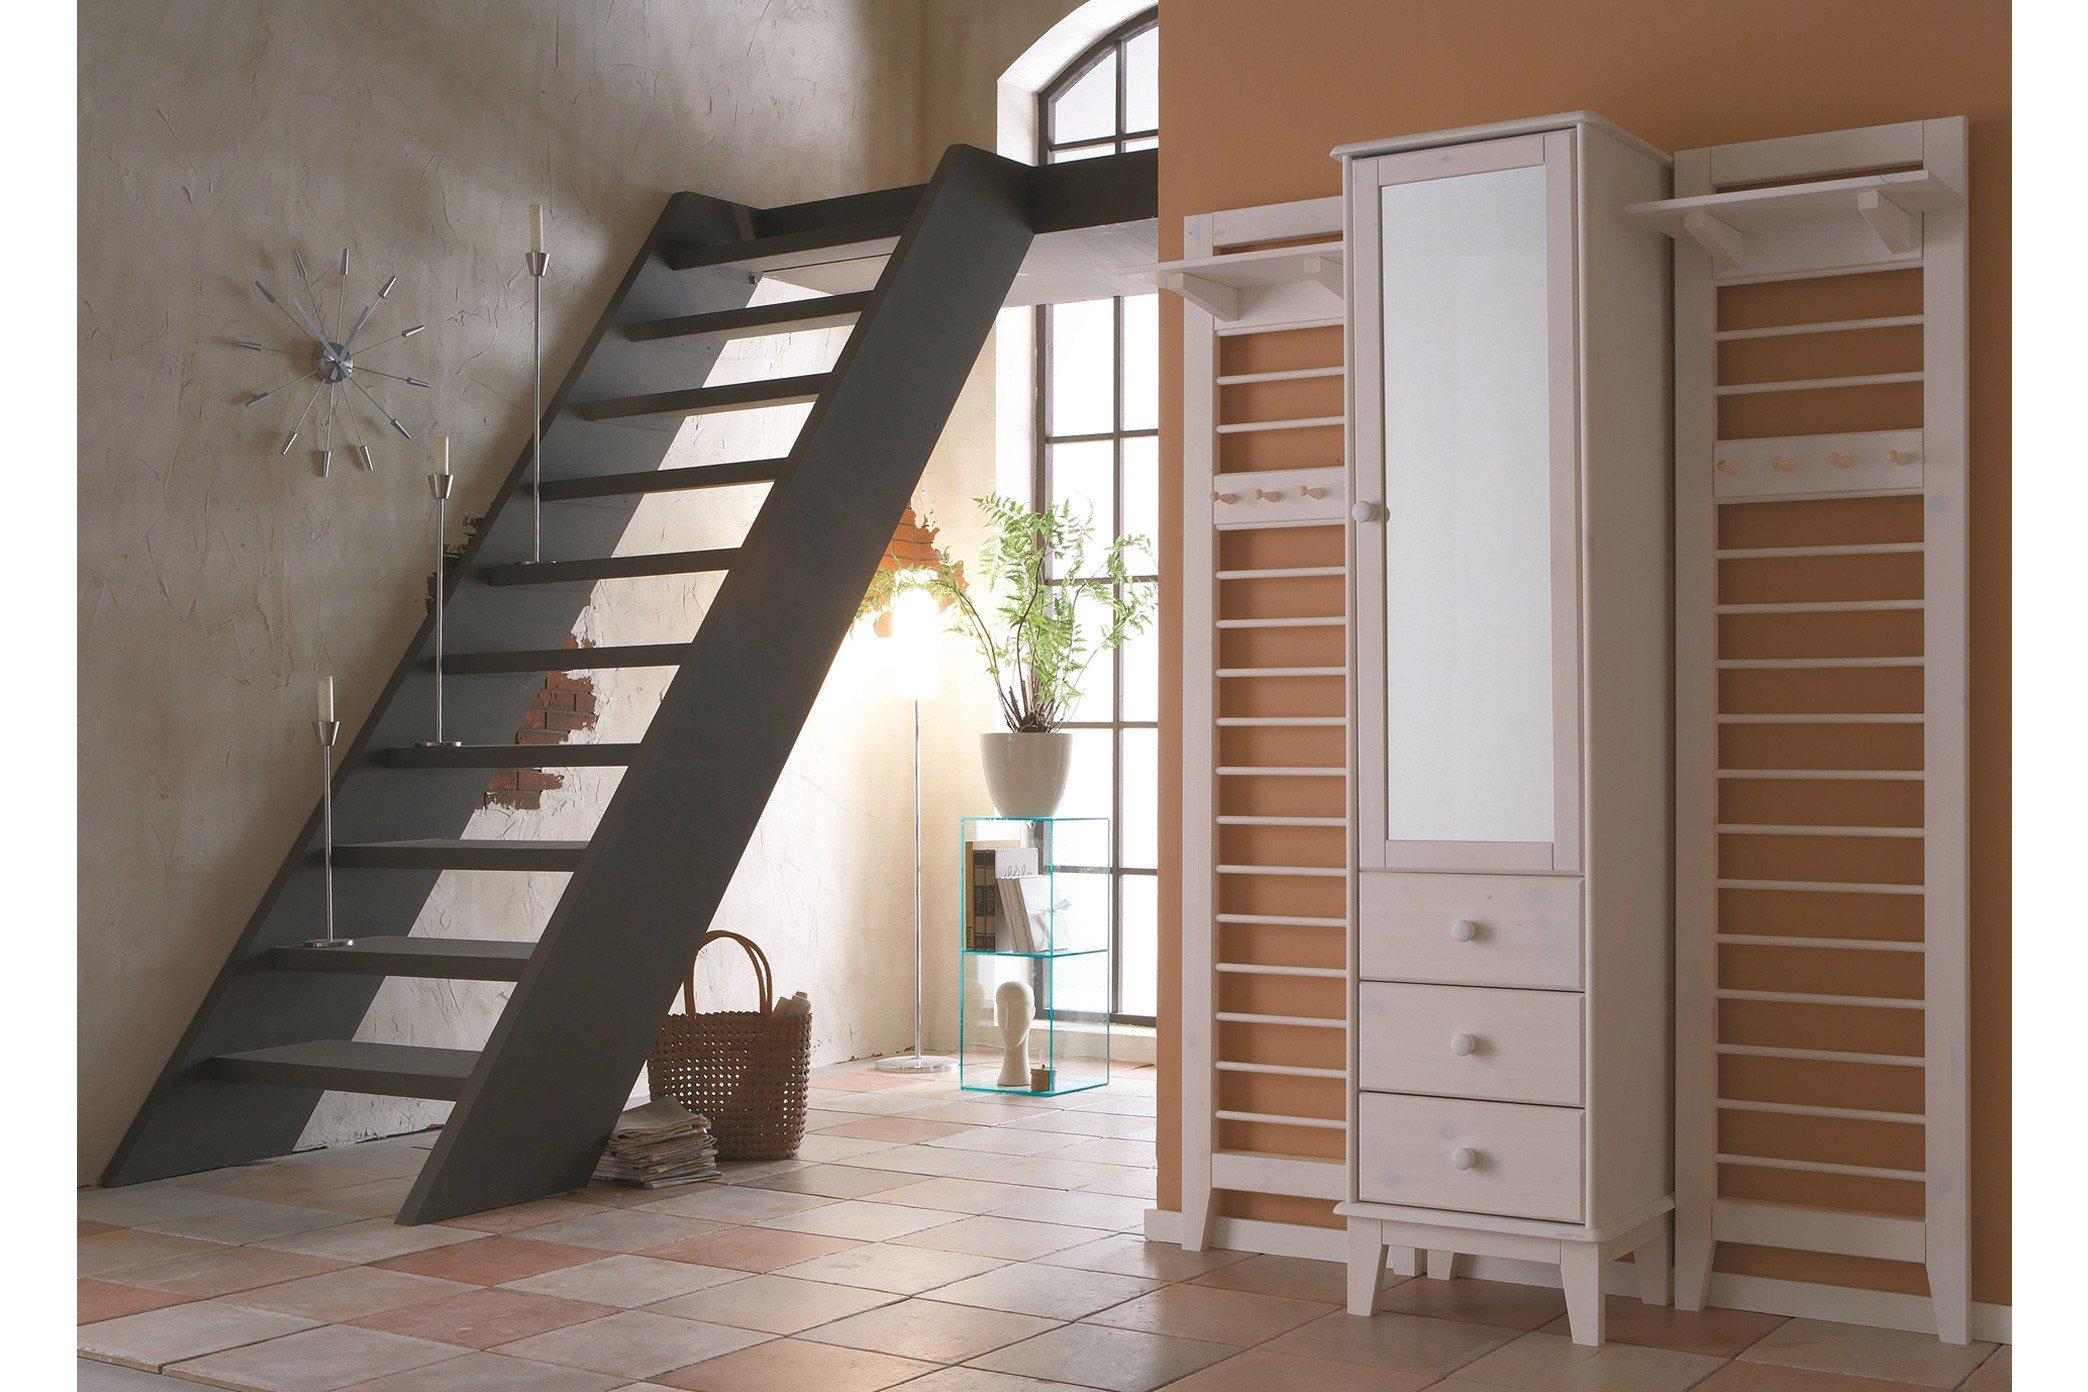 kiefer garderobe simple kommode mia luxury kommode kiefer. Black Bedroom Furniture Sets. Home Design Ideas